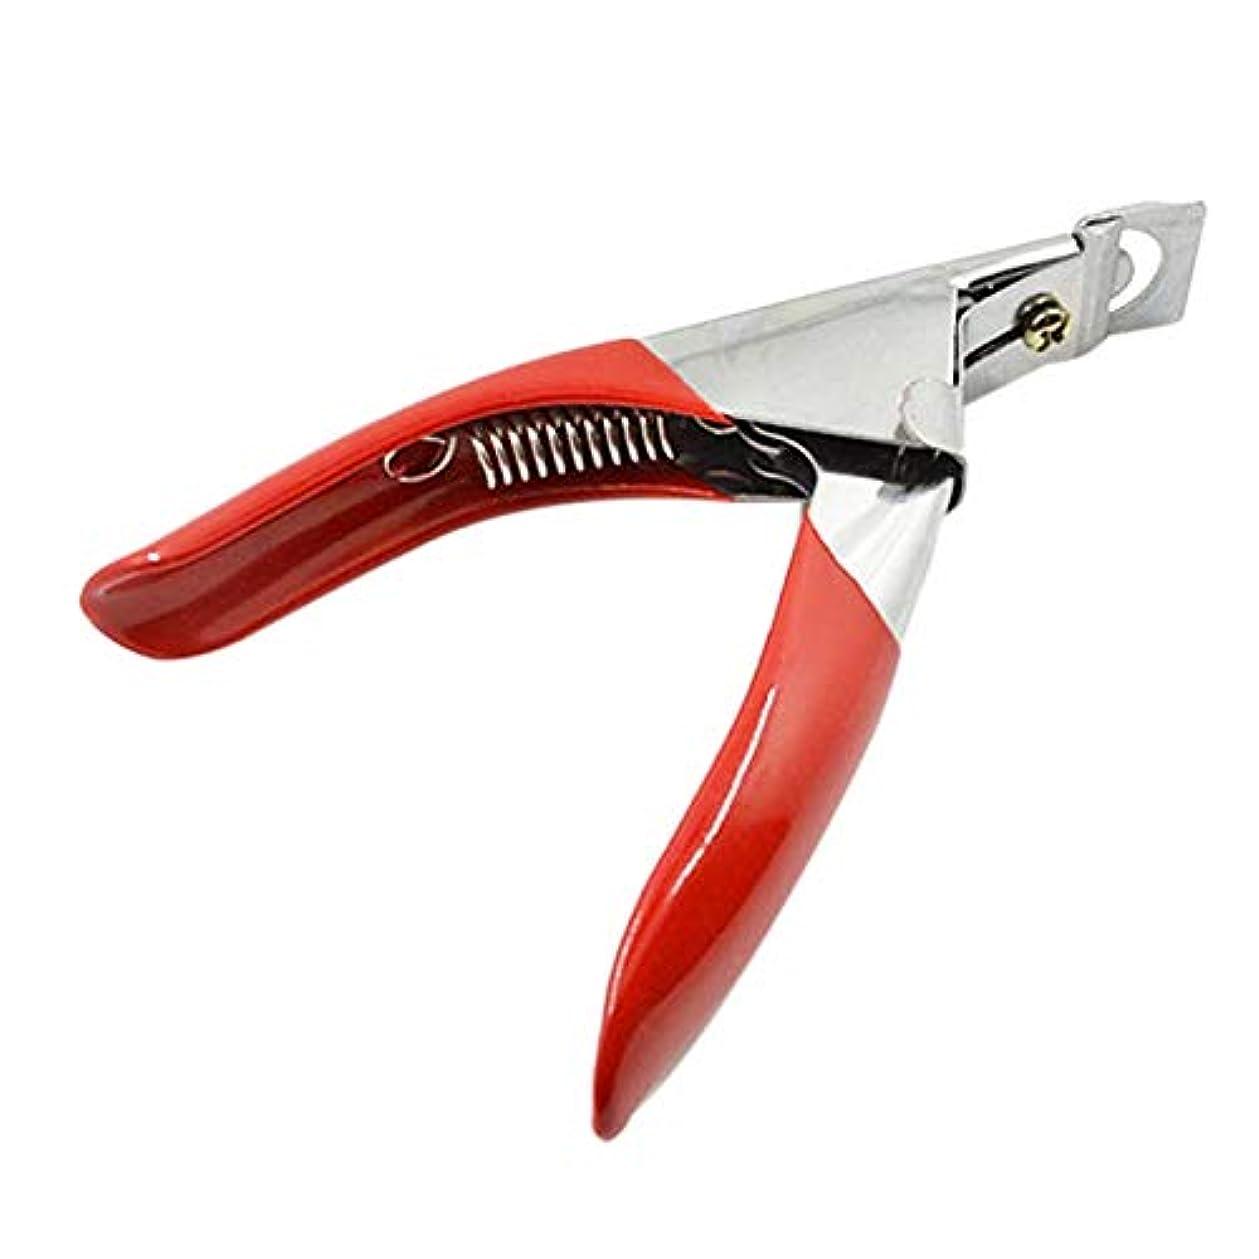 トリップ浴室殉教者CUHAWUDBA マニキュア、ネイルのはさみ、カット、フランス語の言葉、偽爪のはさみ、カット用マニキュアのツール